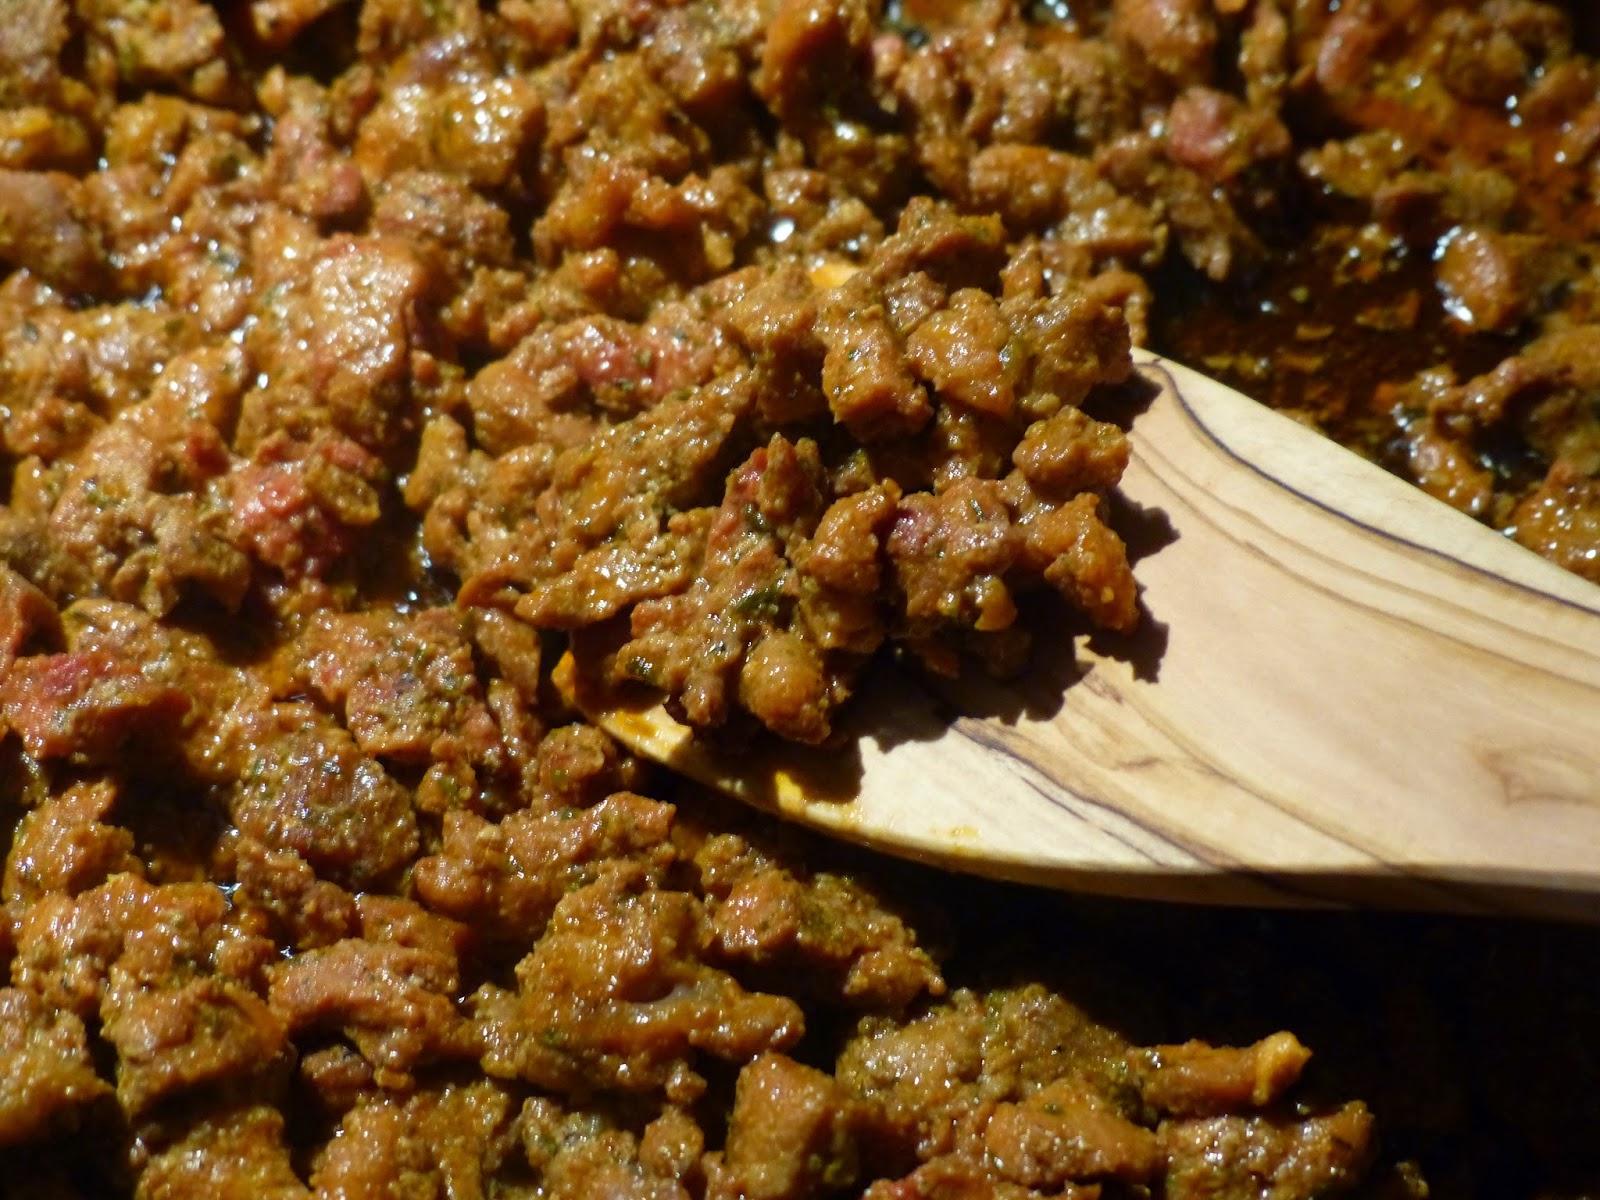 http://kreoli24.de/kochen-und-zubereiten/pfannenwender-mit-Loechern-30-cm.html